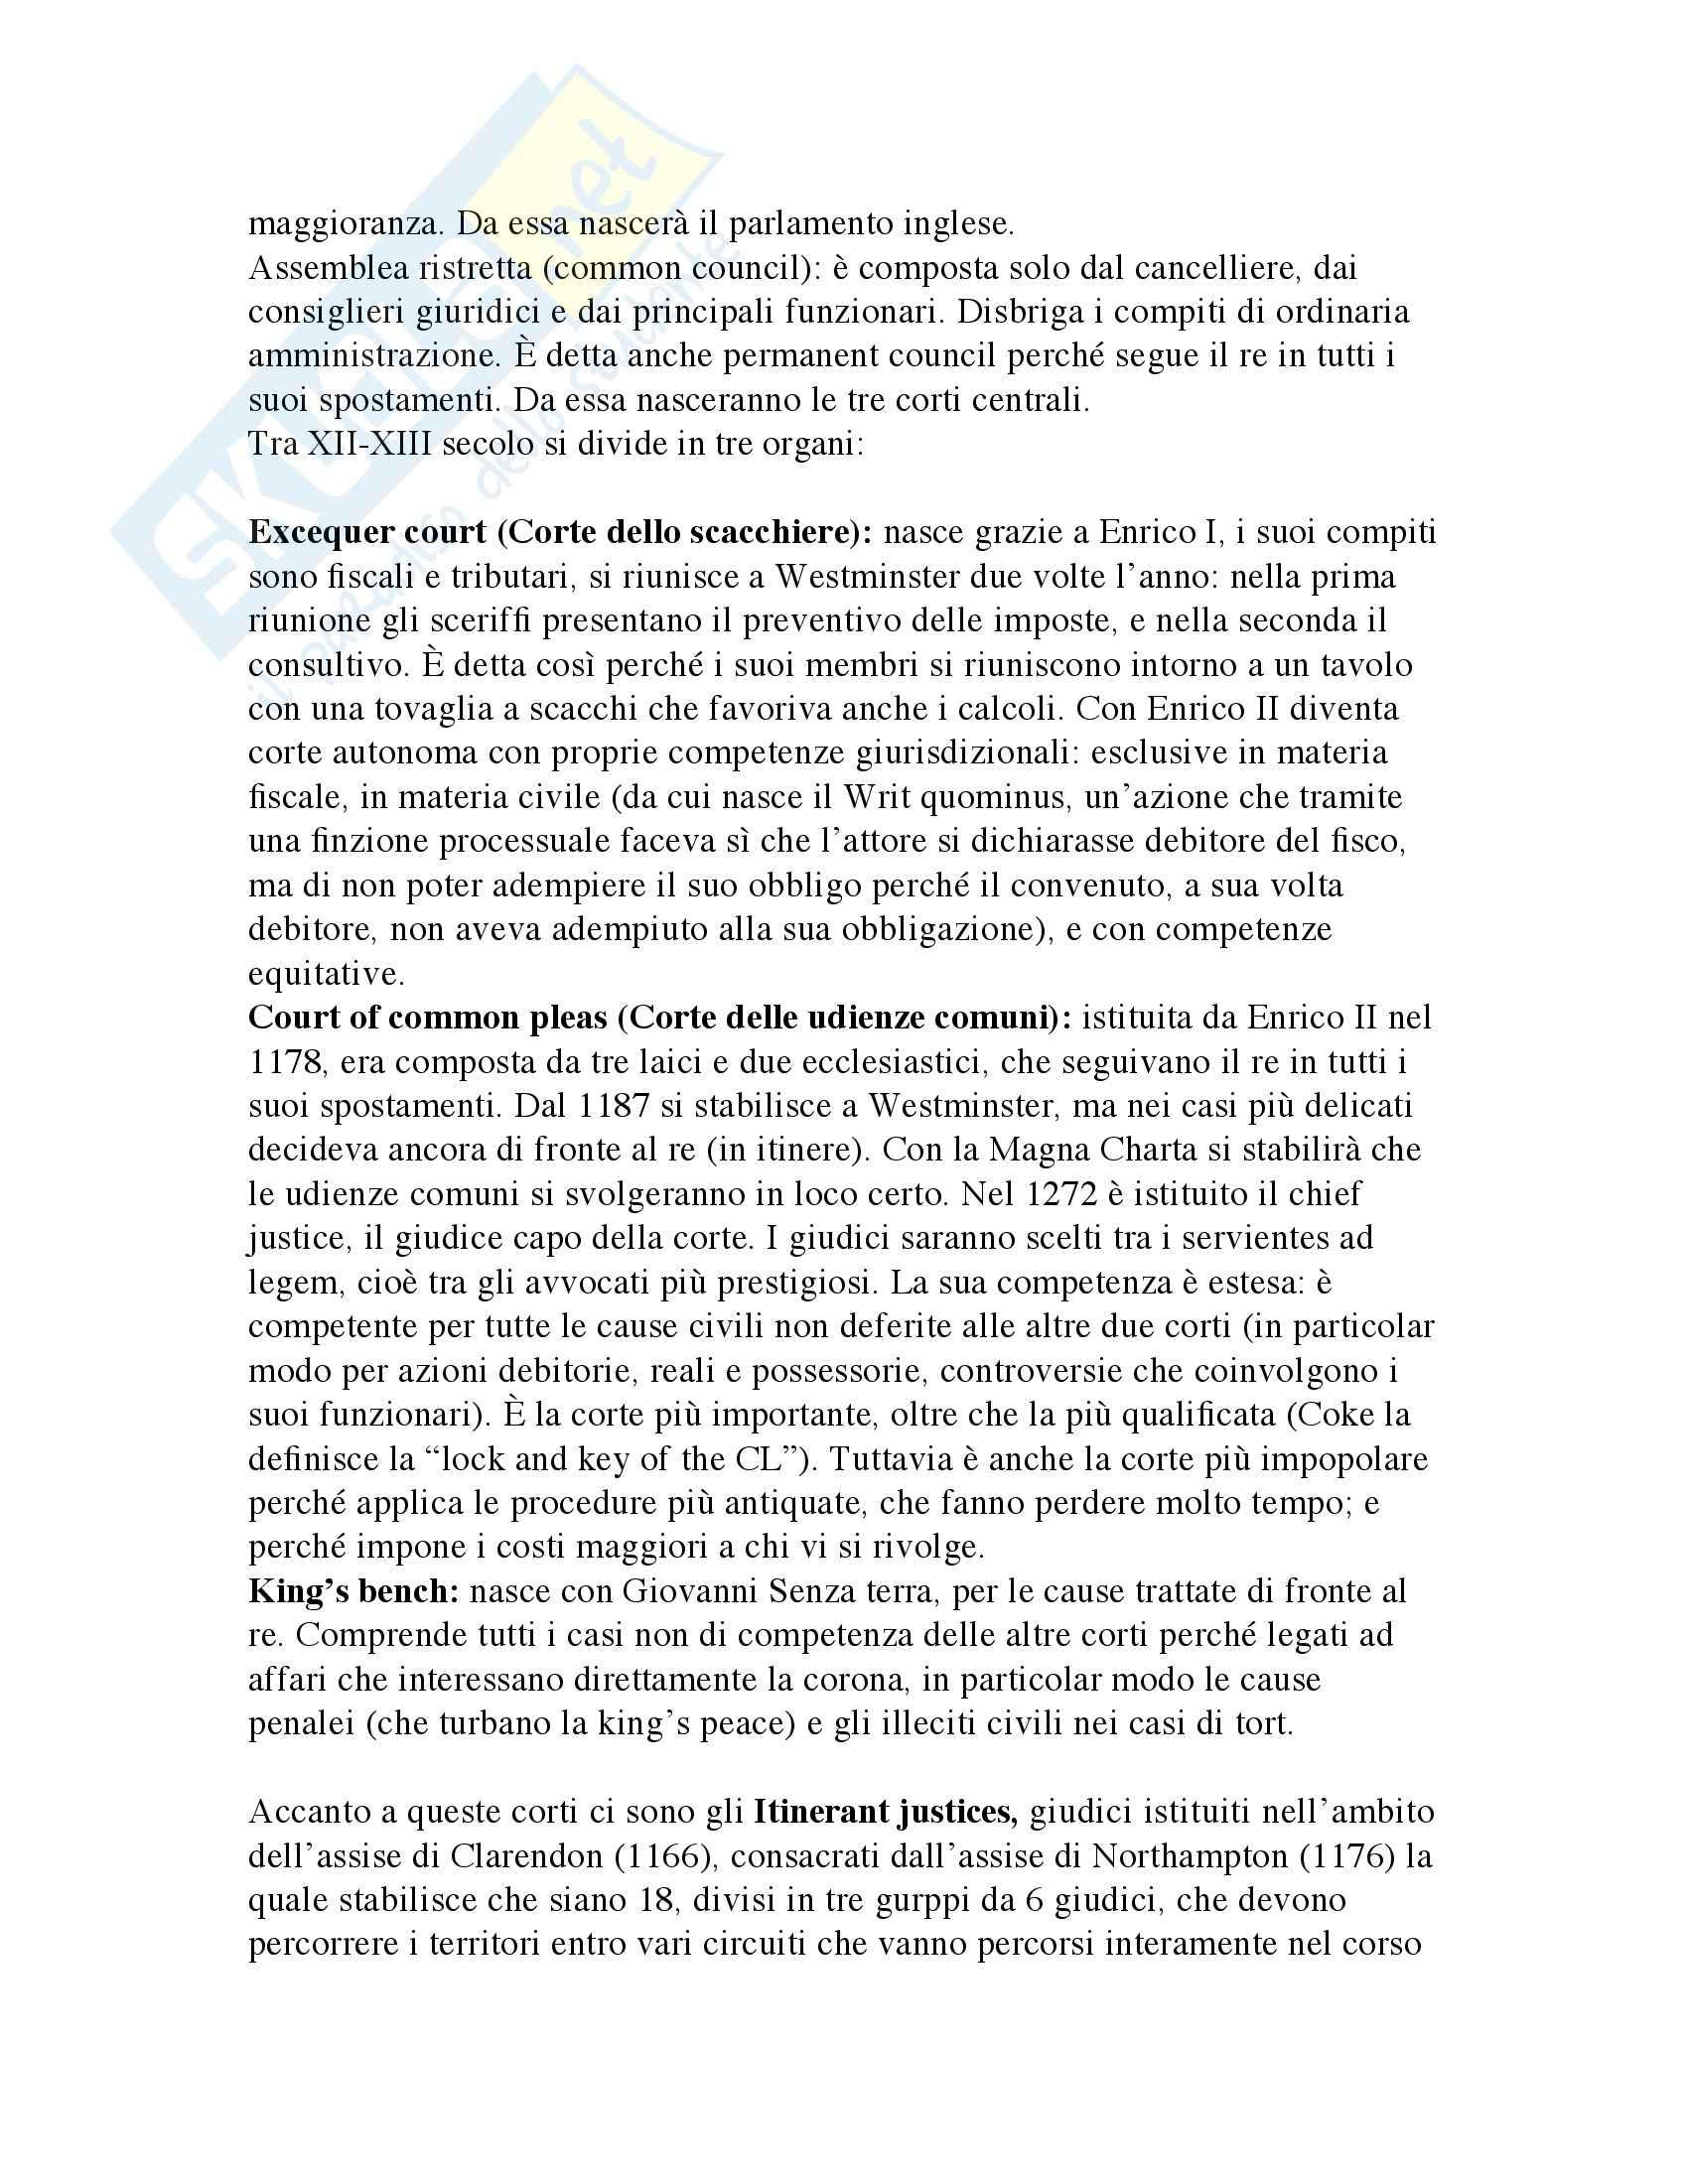 Storia del Diritto medievale e moderno Inglese Pag. 6